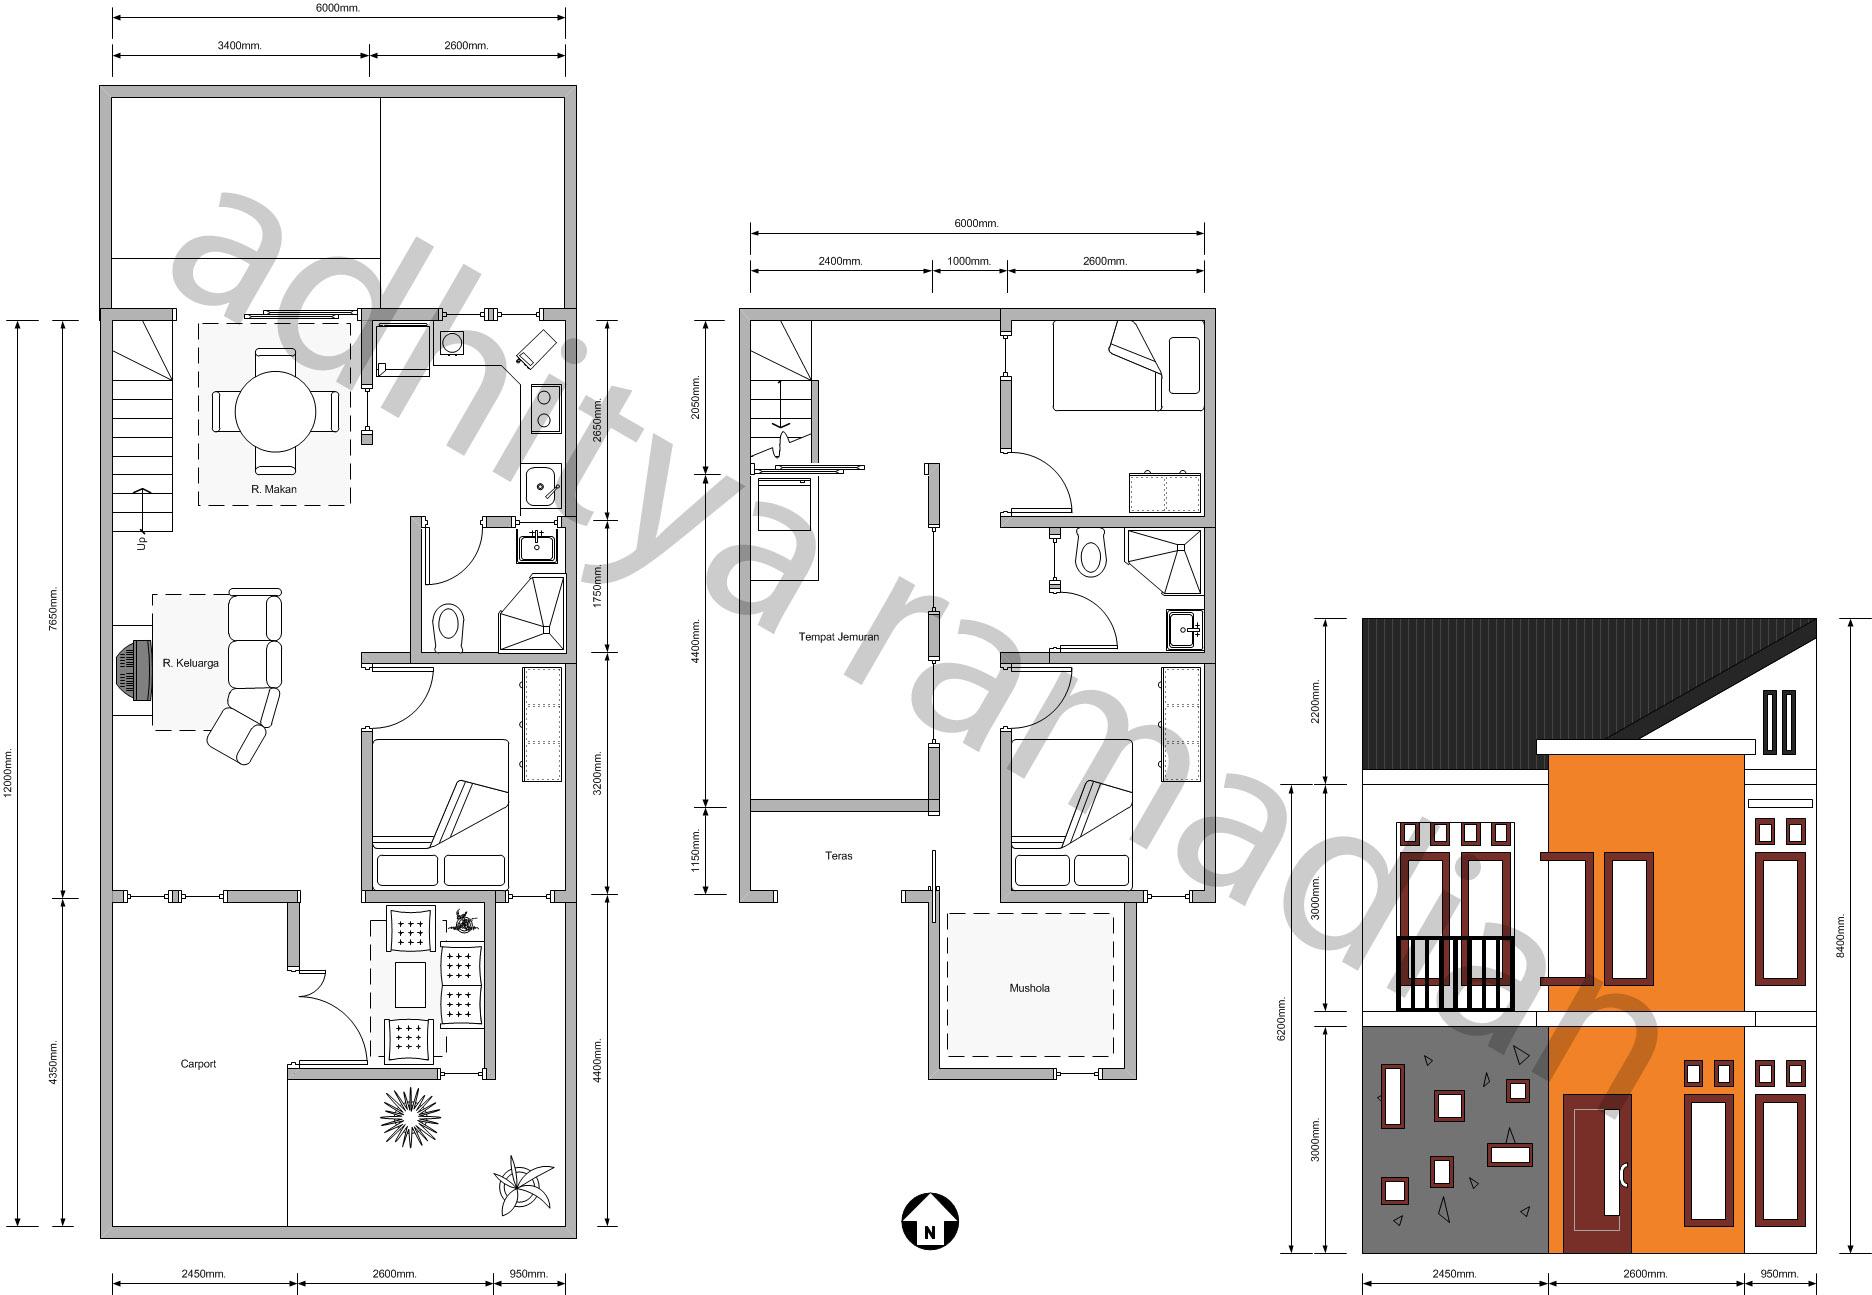 mendesain rumah menggunakan visio ramboeistblast